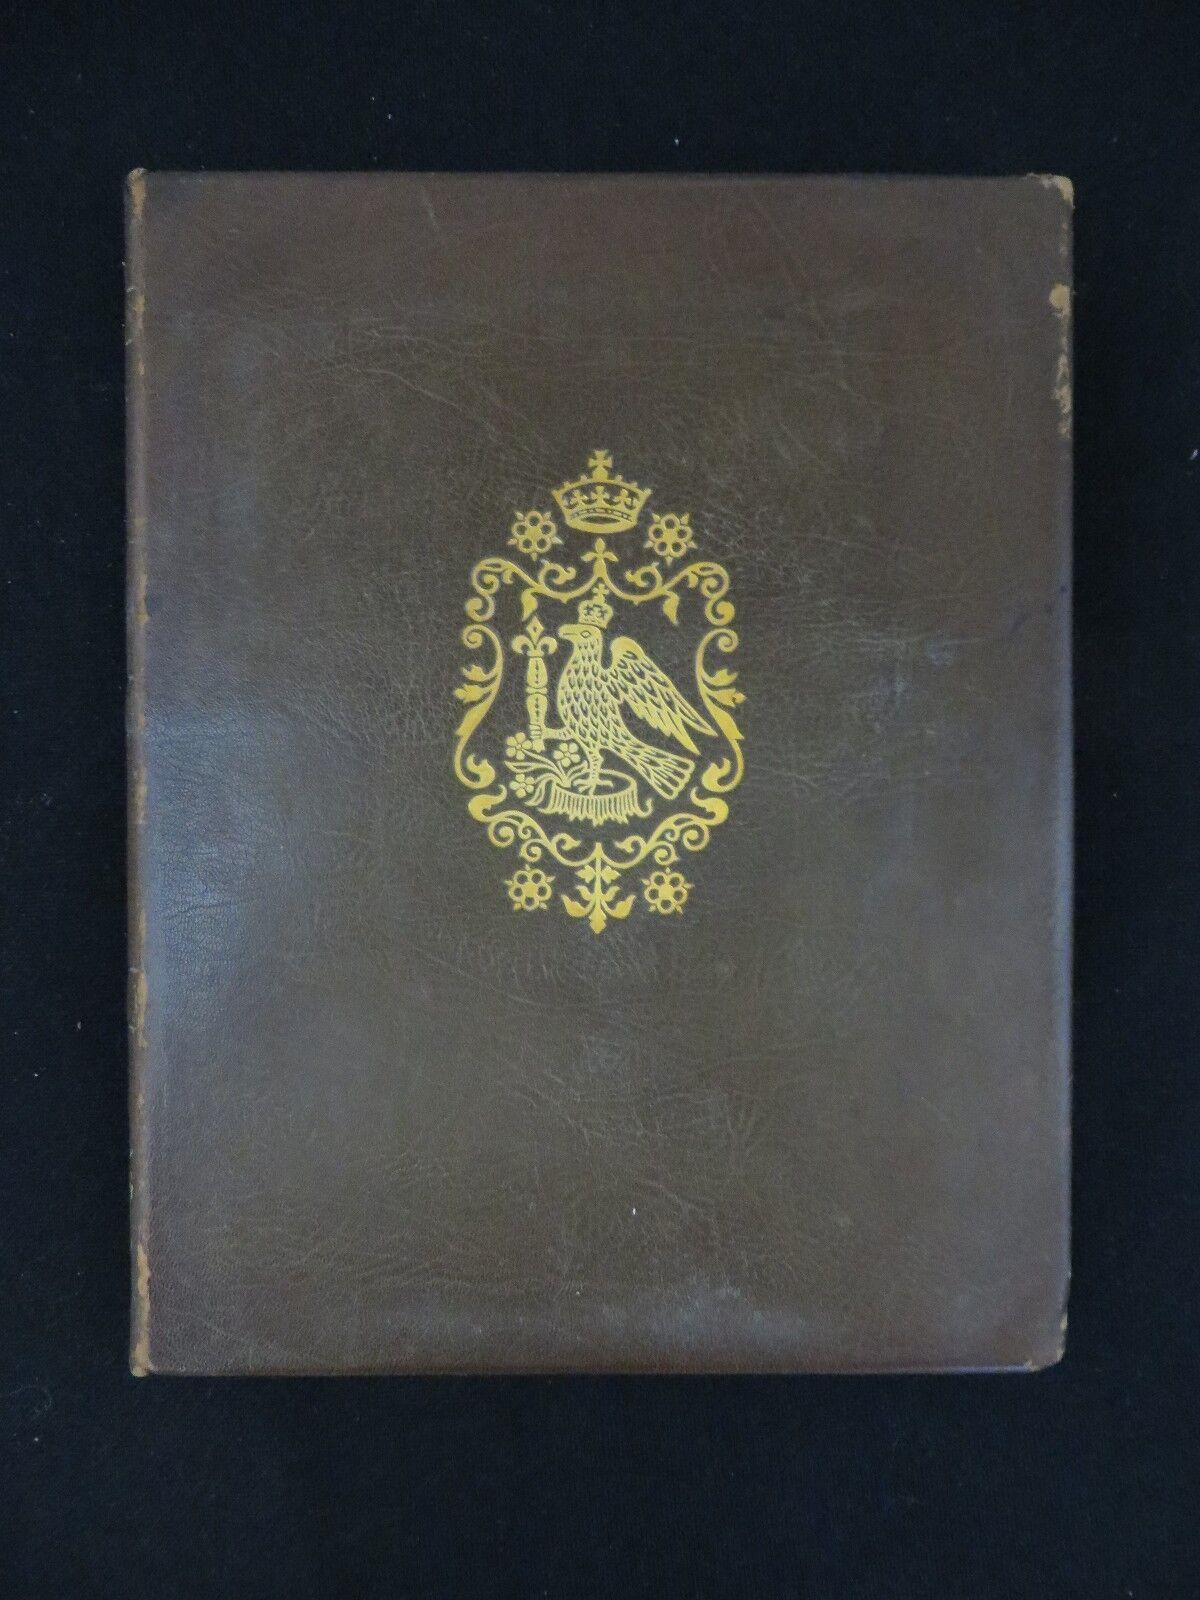 Loyd Haberly Anne Boleyn and More Poems 221 221 21st Edition